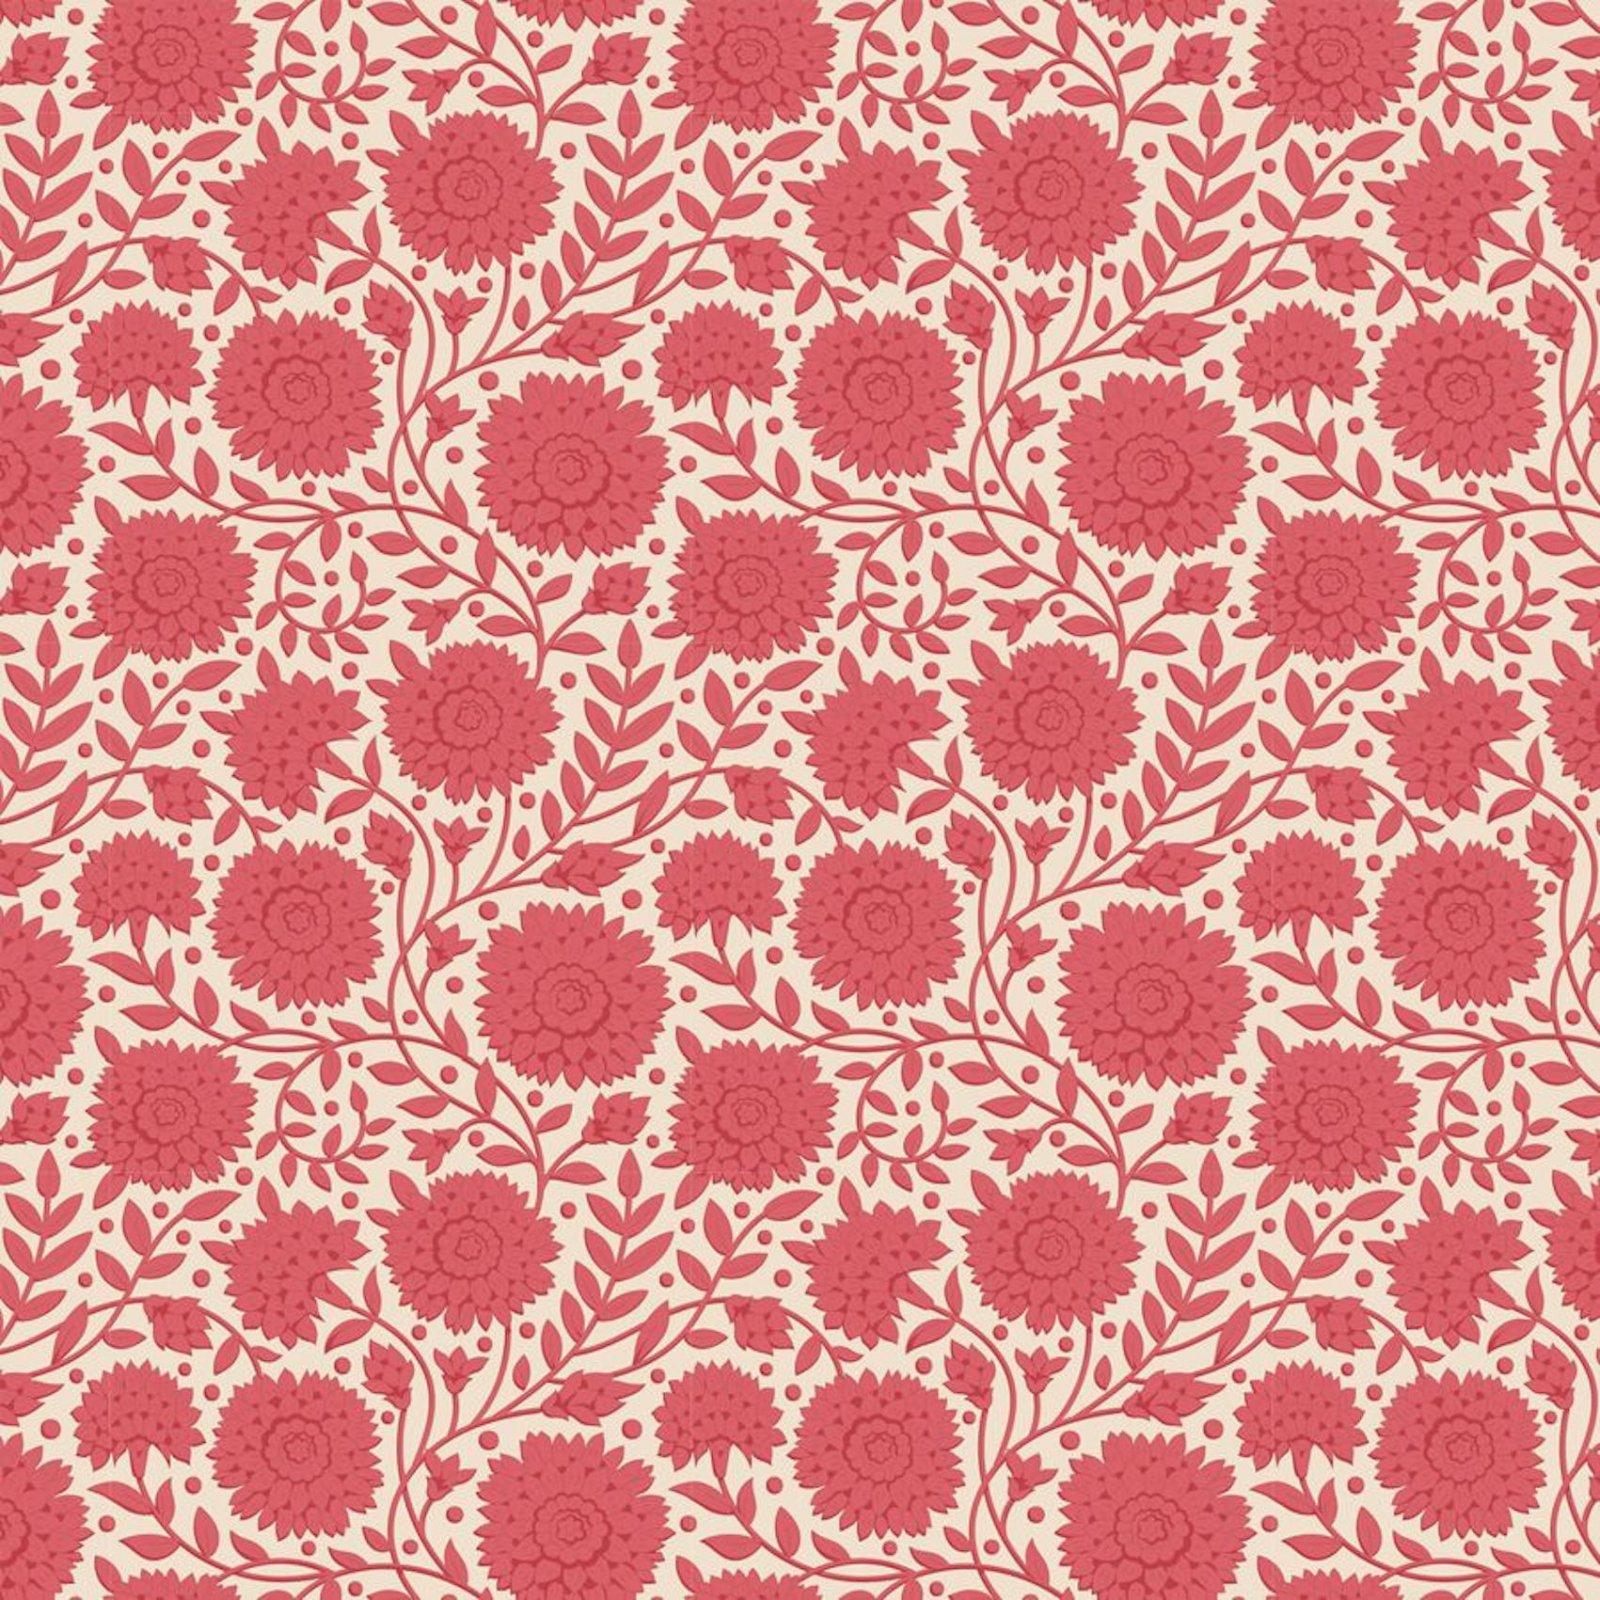 PRE-ORDER  - Tilda - Windy Days - Aella Floral Dusty Red